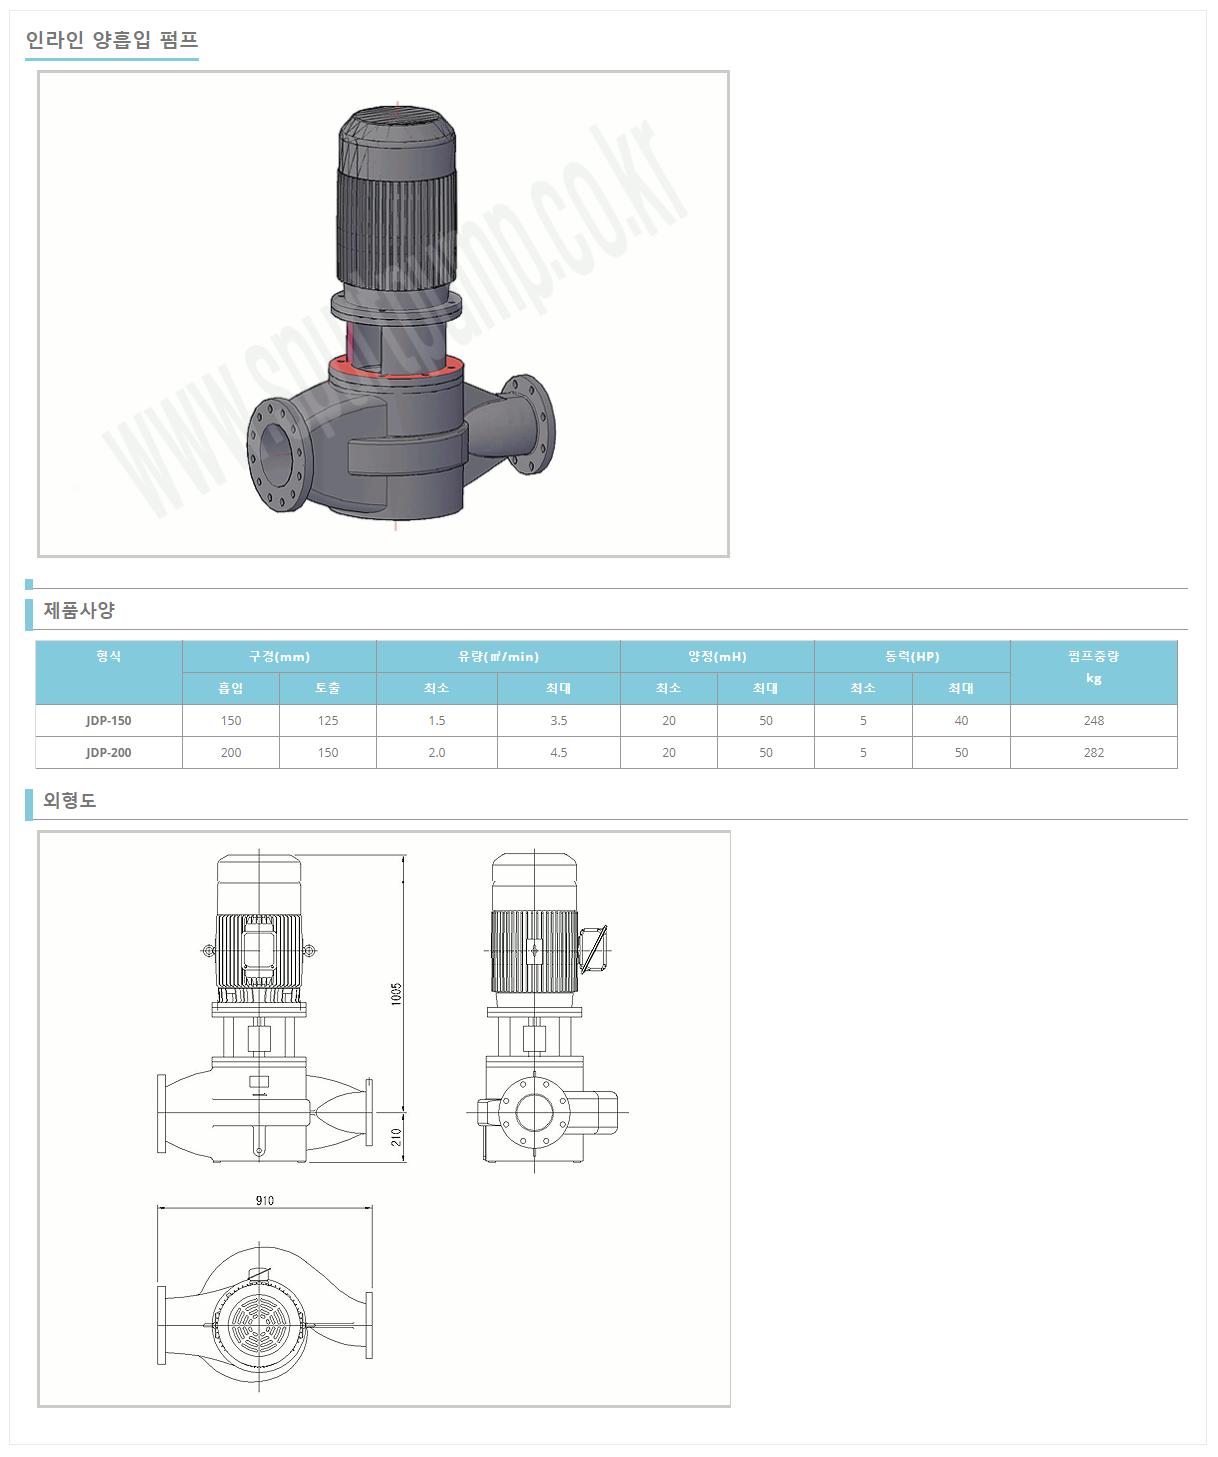 (주)주호산업 인라인 양흡입 펌프 JDP-150/200